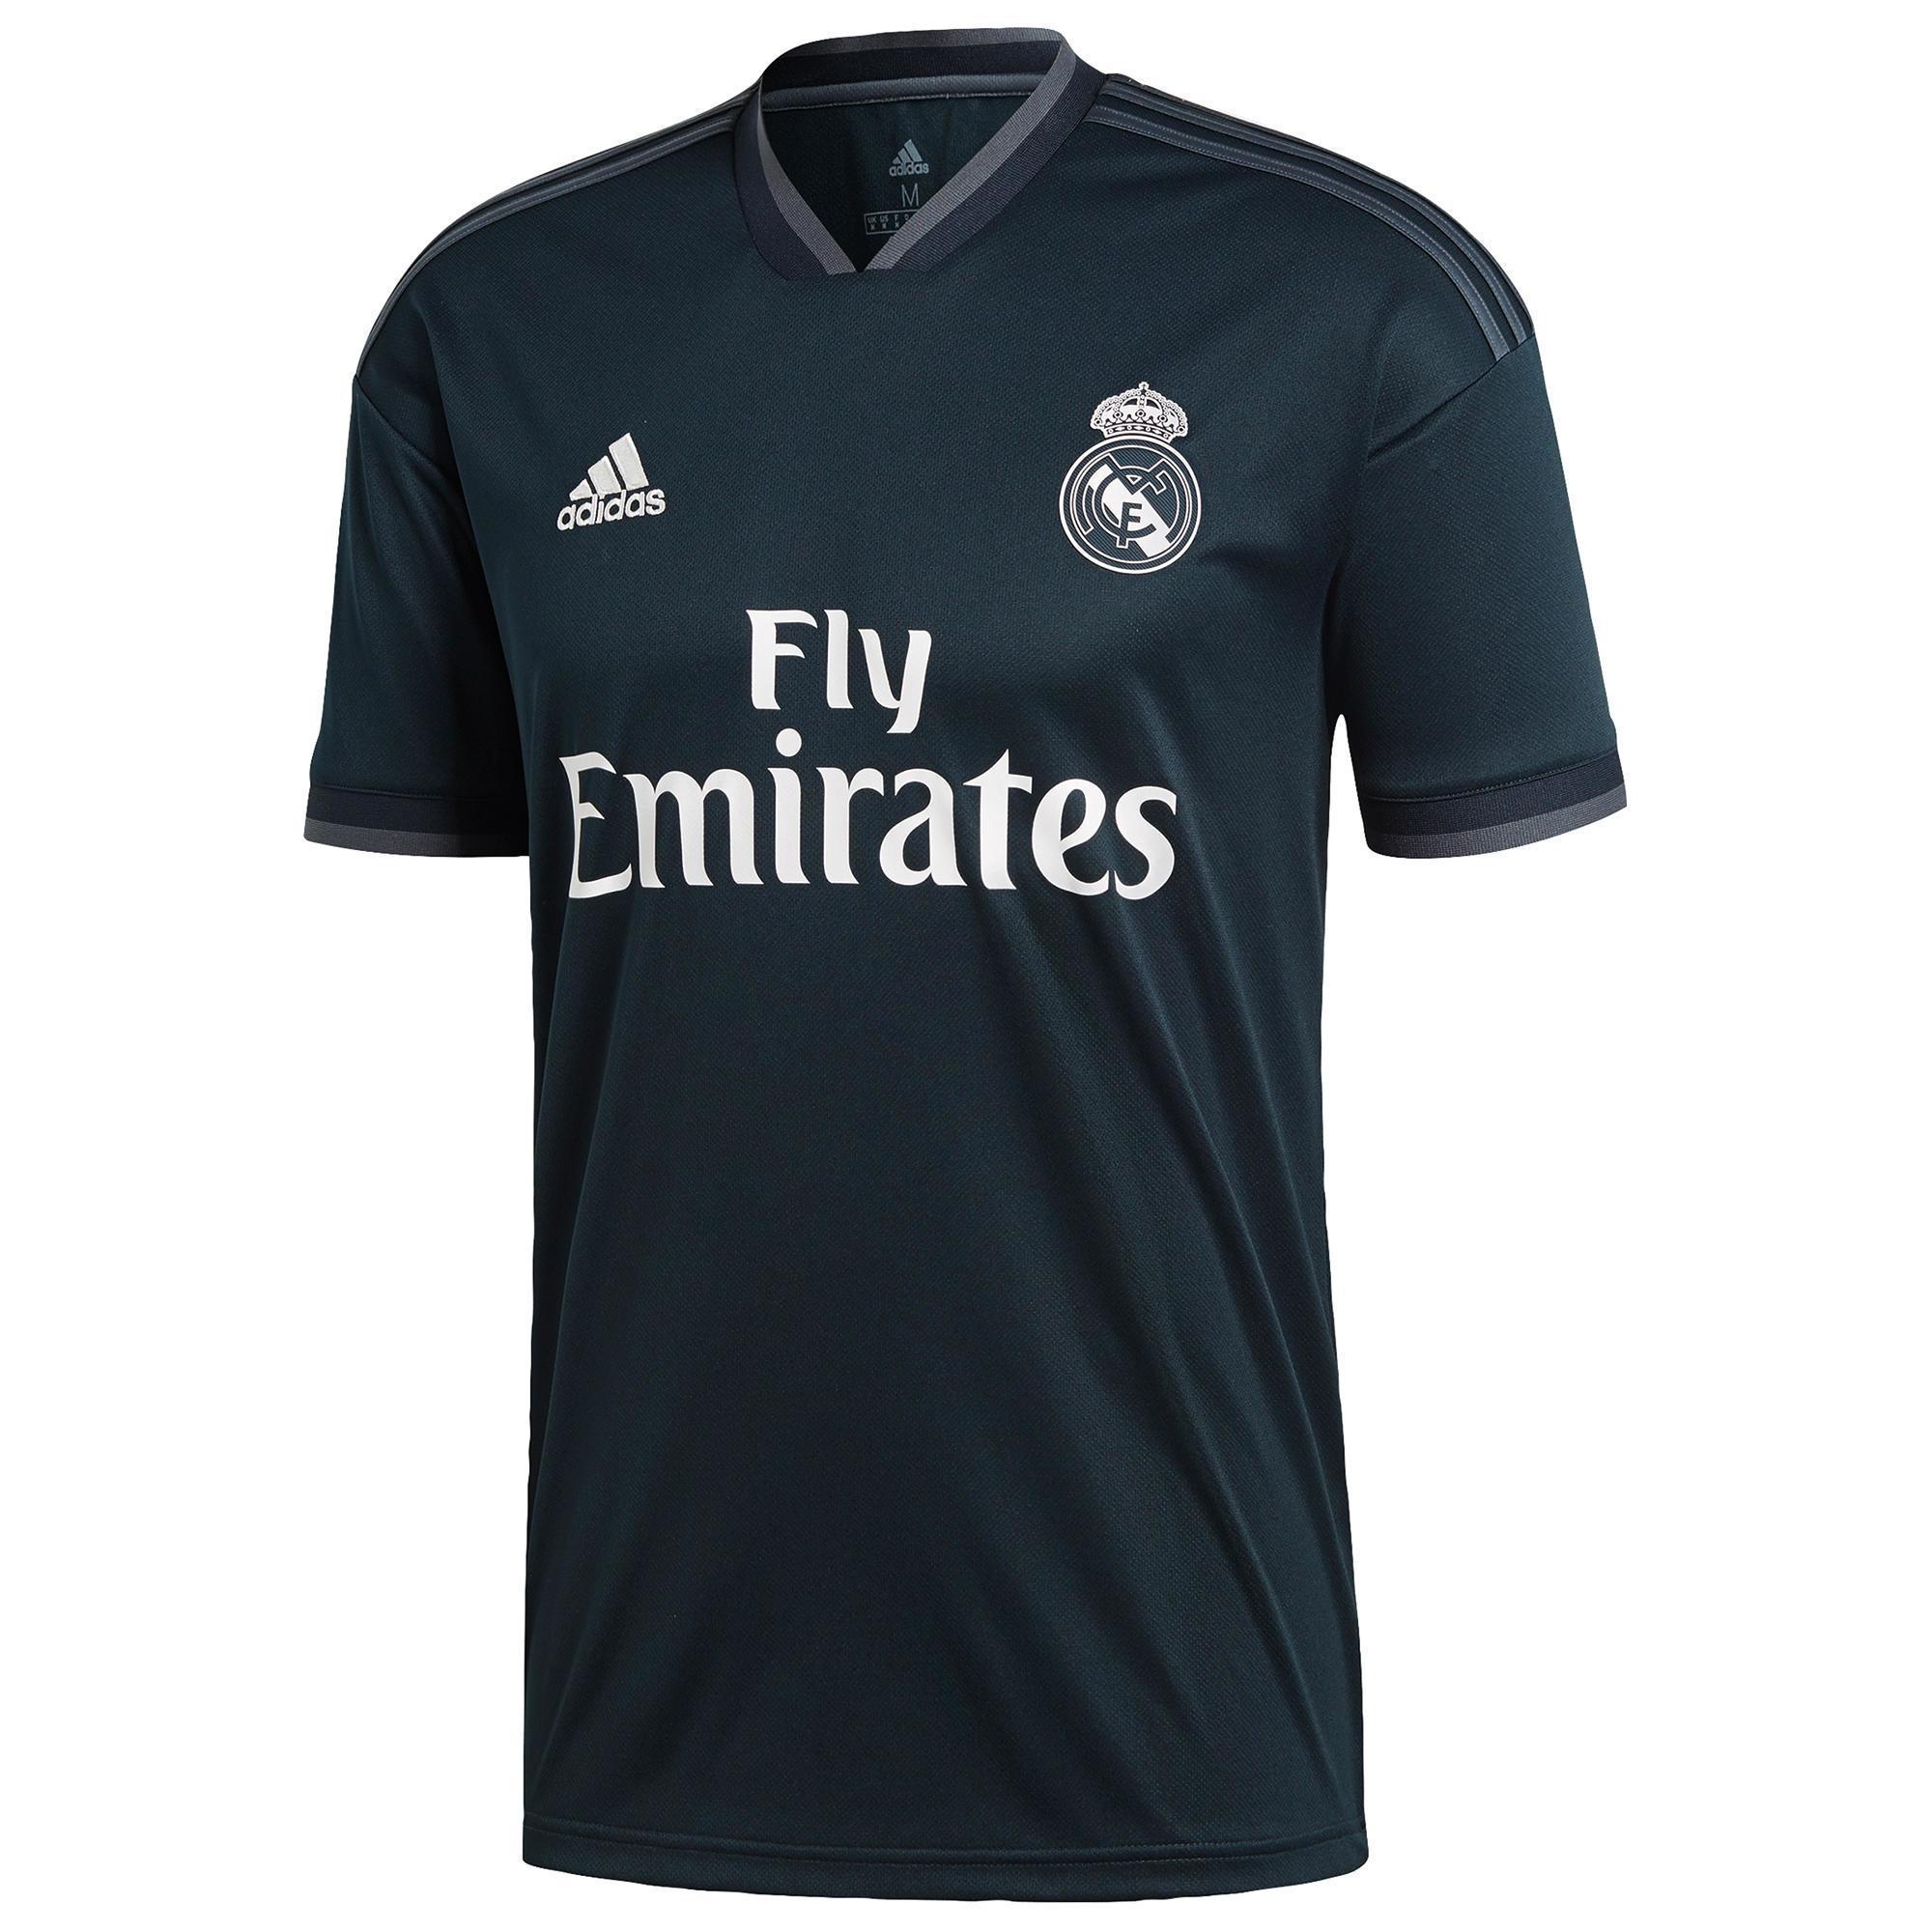 5da21296e9d6f Camisetas Oficiales Selecciones y Equipos Fútbol